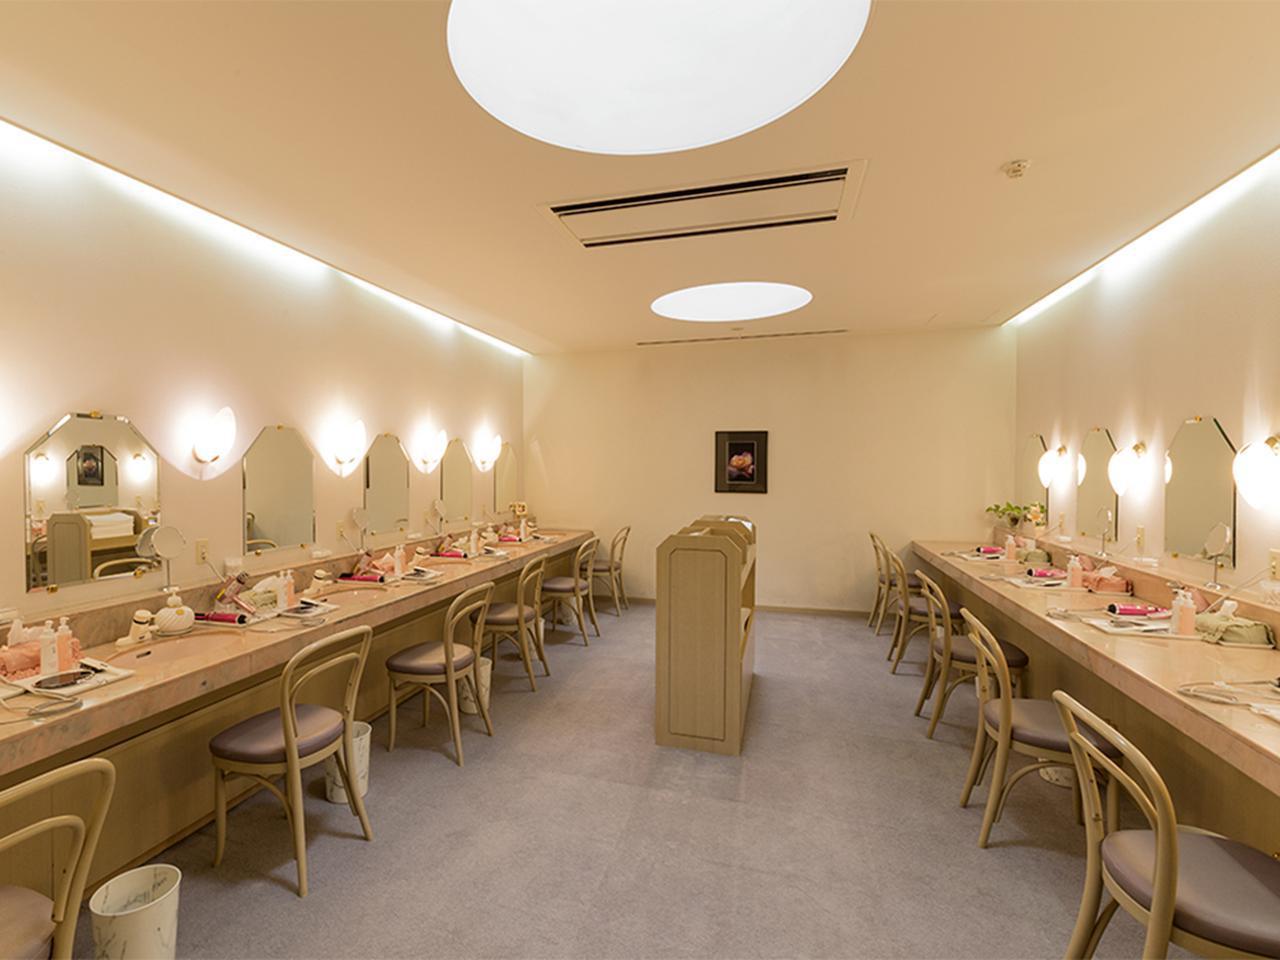 画像: 女性ロッカー室に併設された、女性用の化粧室